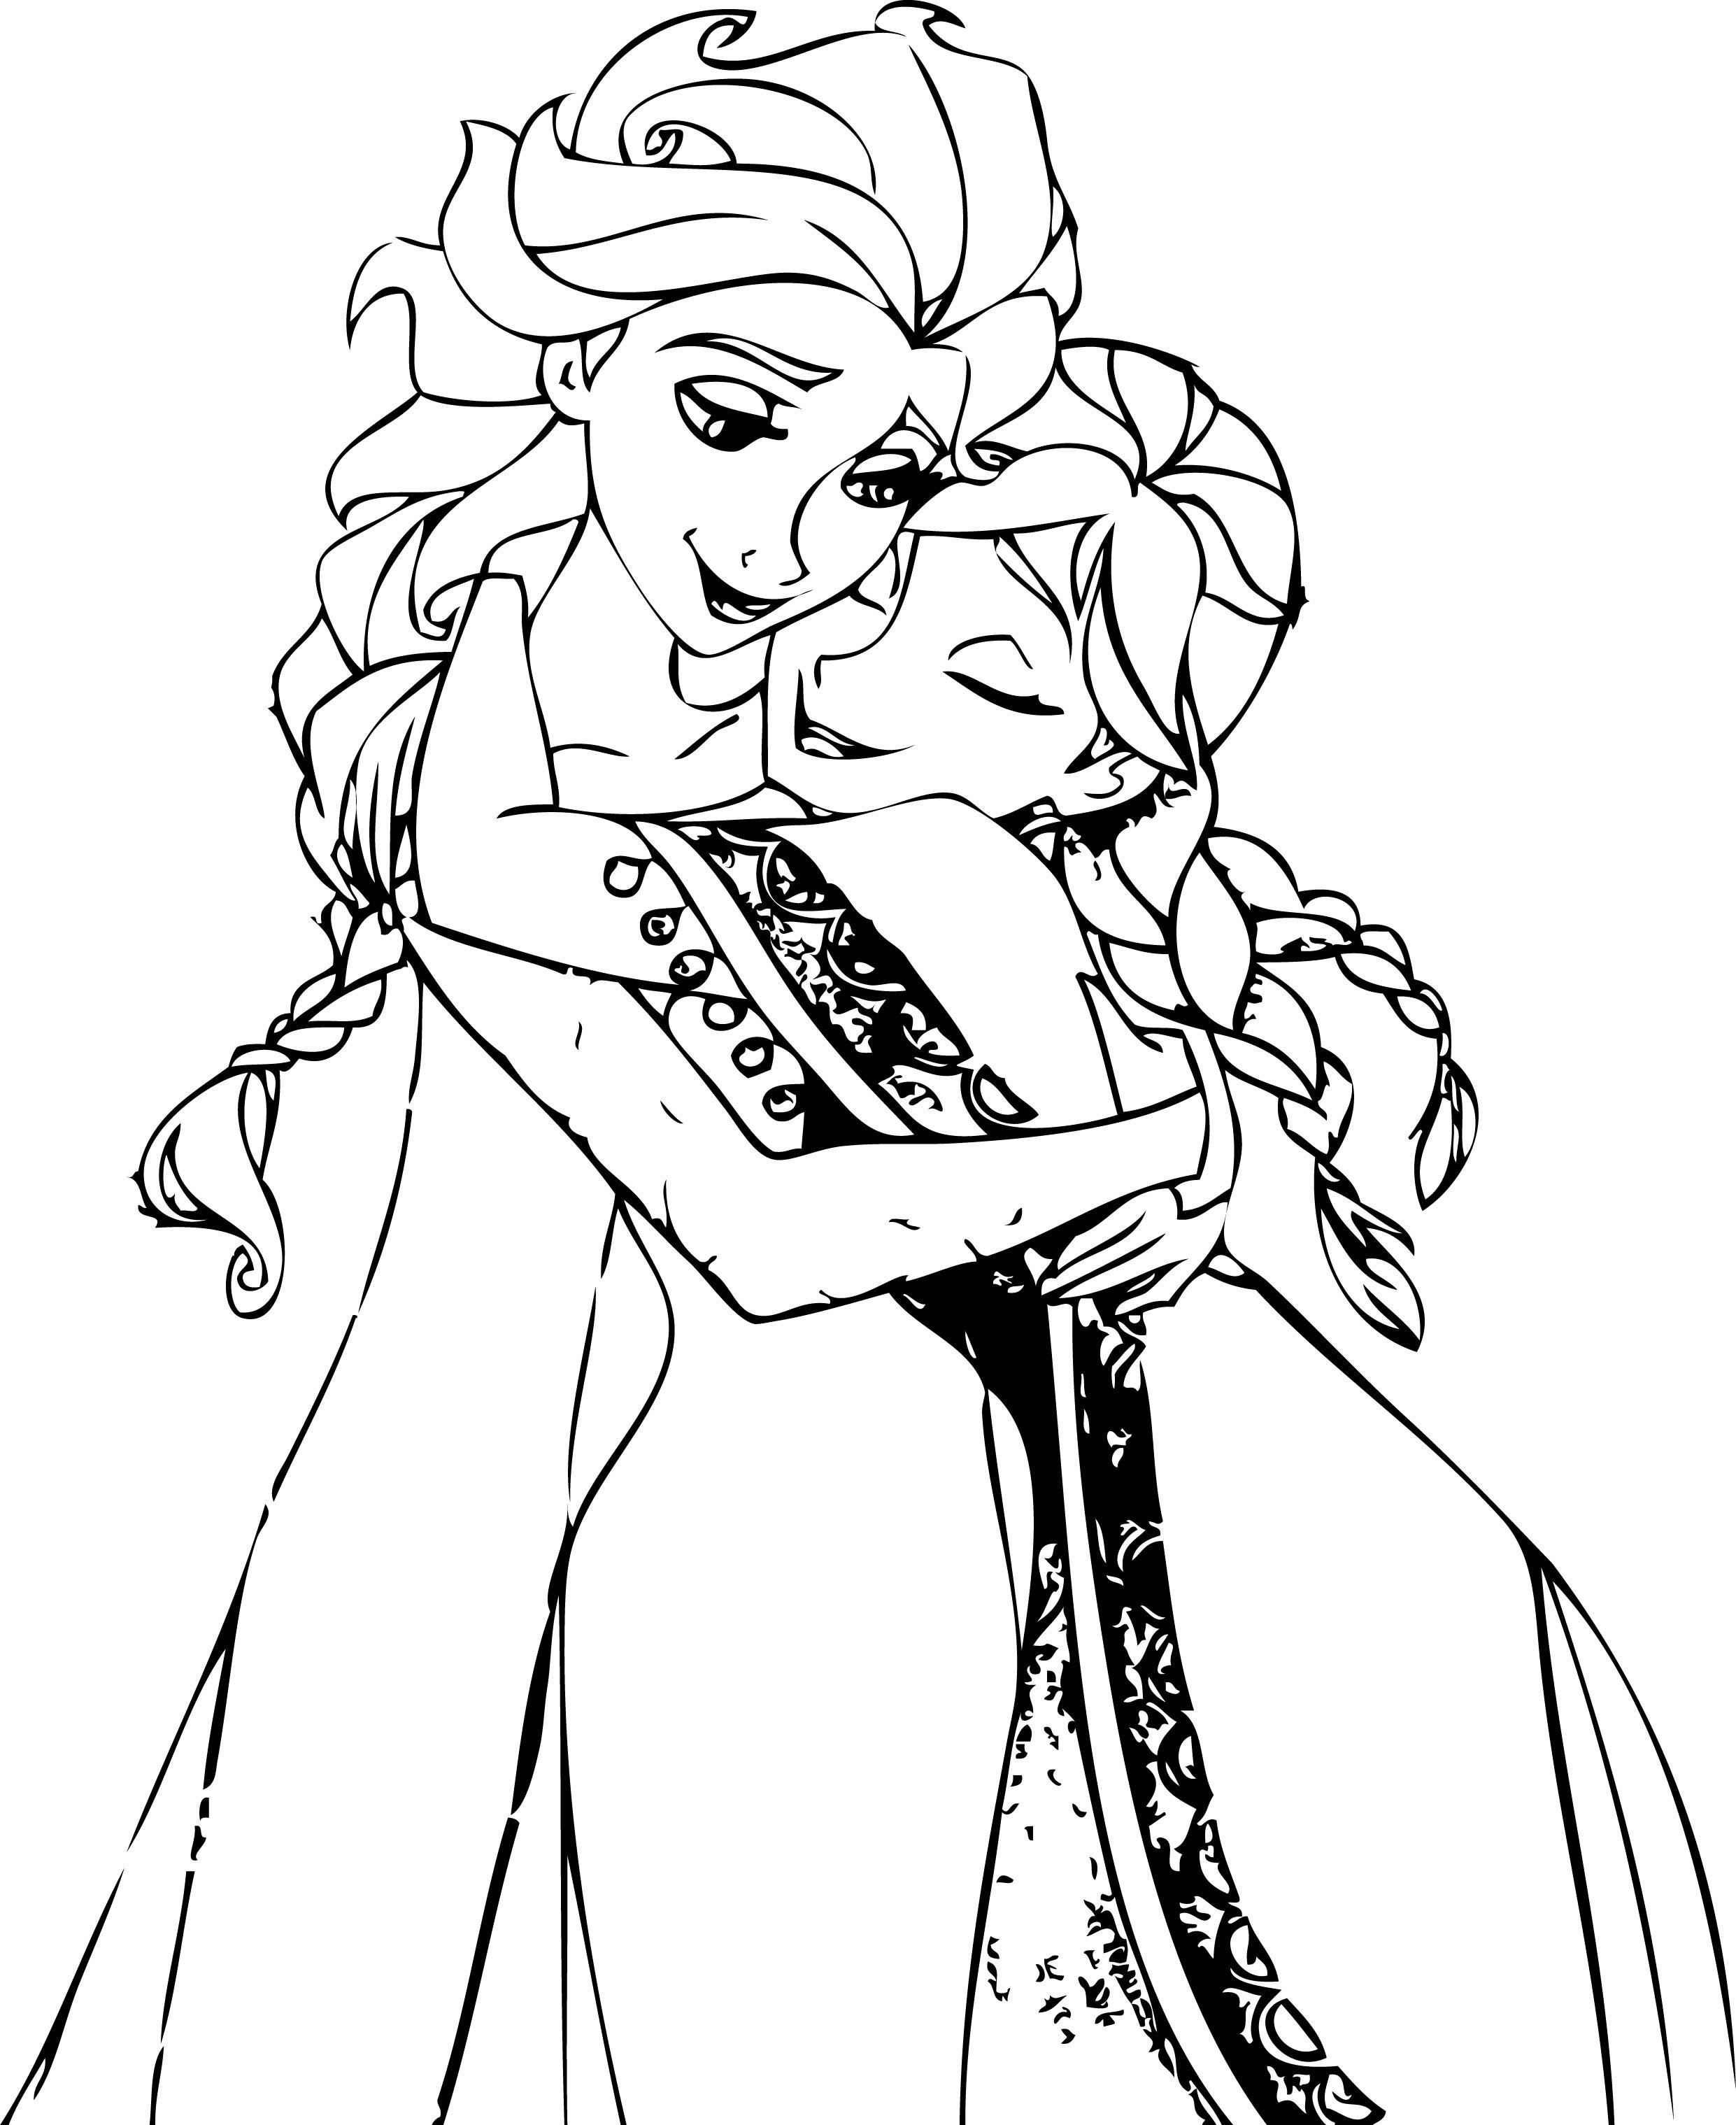 Disney Princess Elsa Coloring Pages At Getdrawings Com